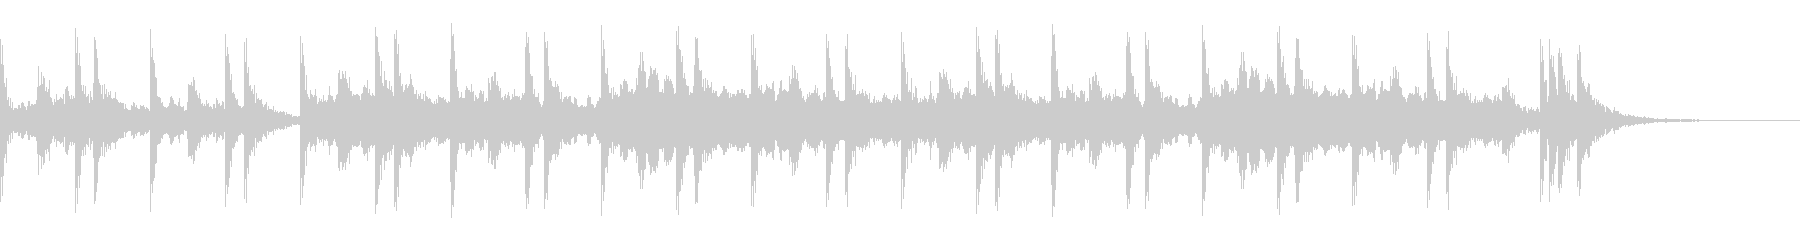 スネアロールとハープのアルペジオの未再生の波形